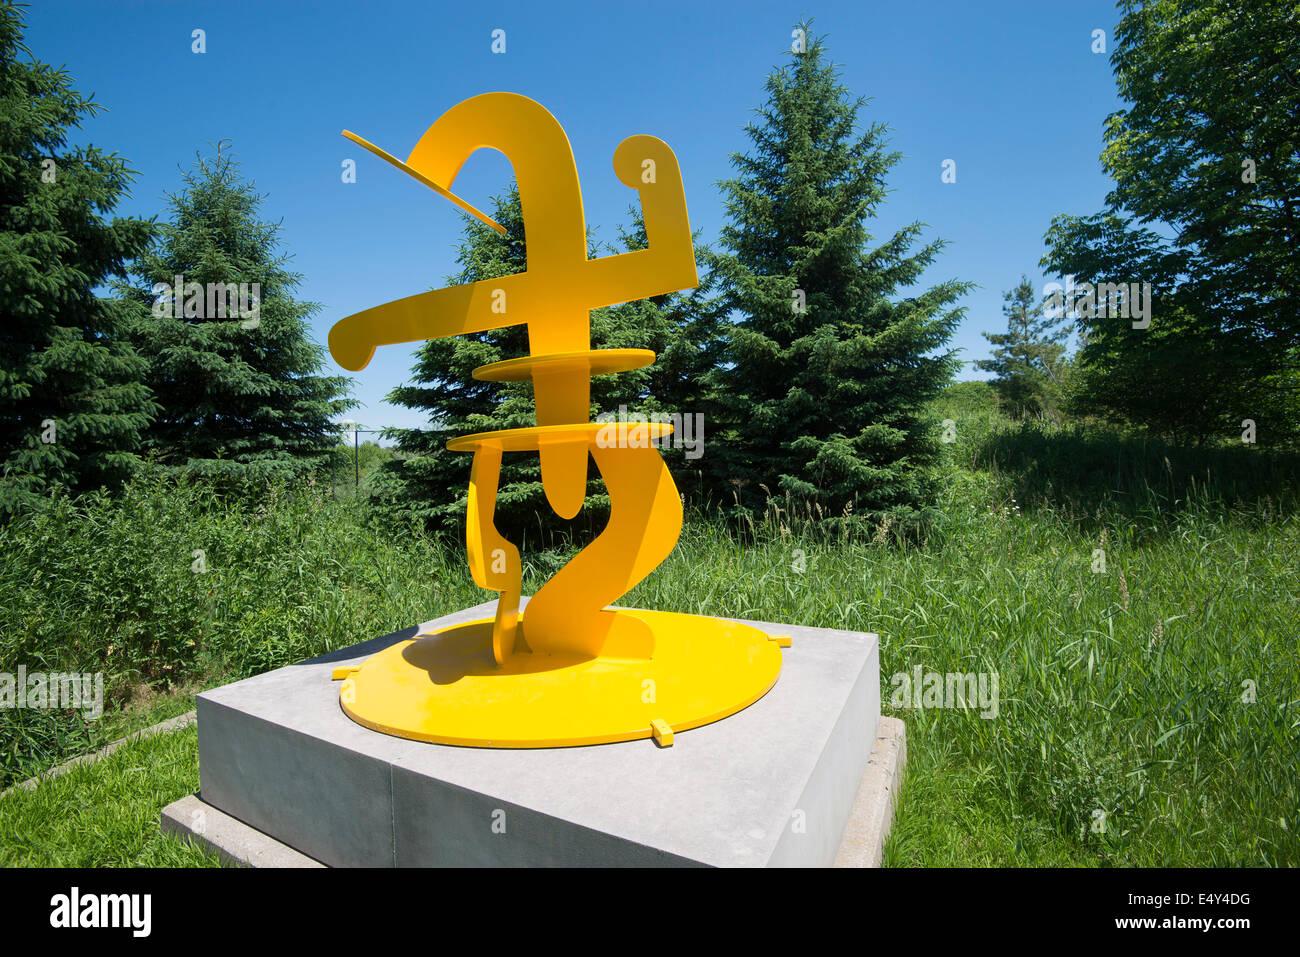 Escultura en El Frederik Meijer Gardens & Sculpture Park. Grand Rapids, Michigan, Estados Unidos. Foto de stock